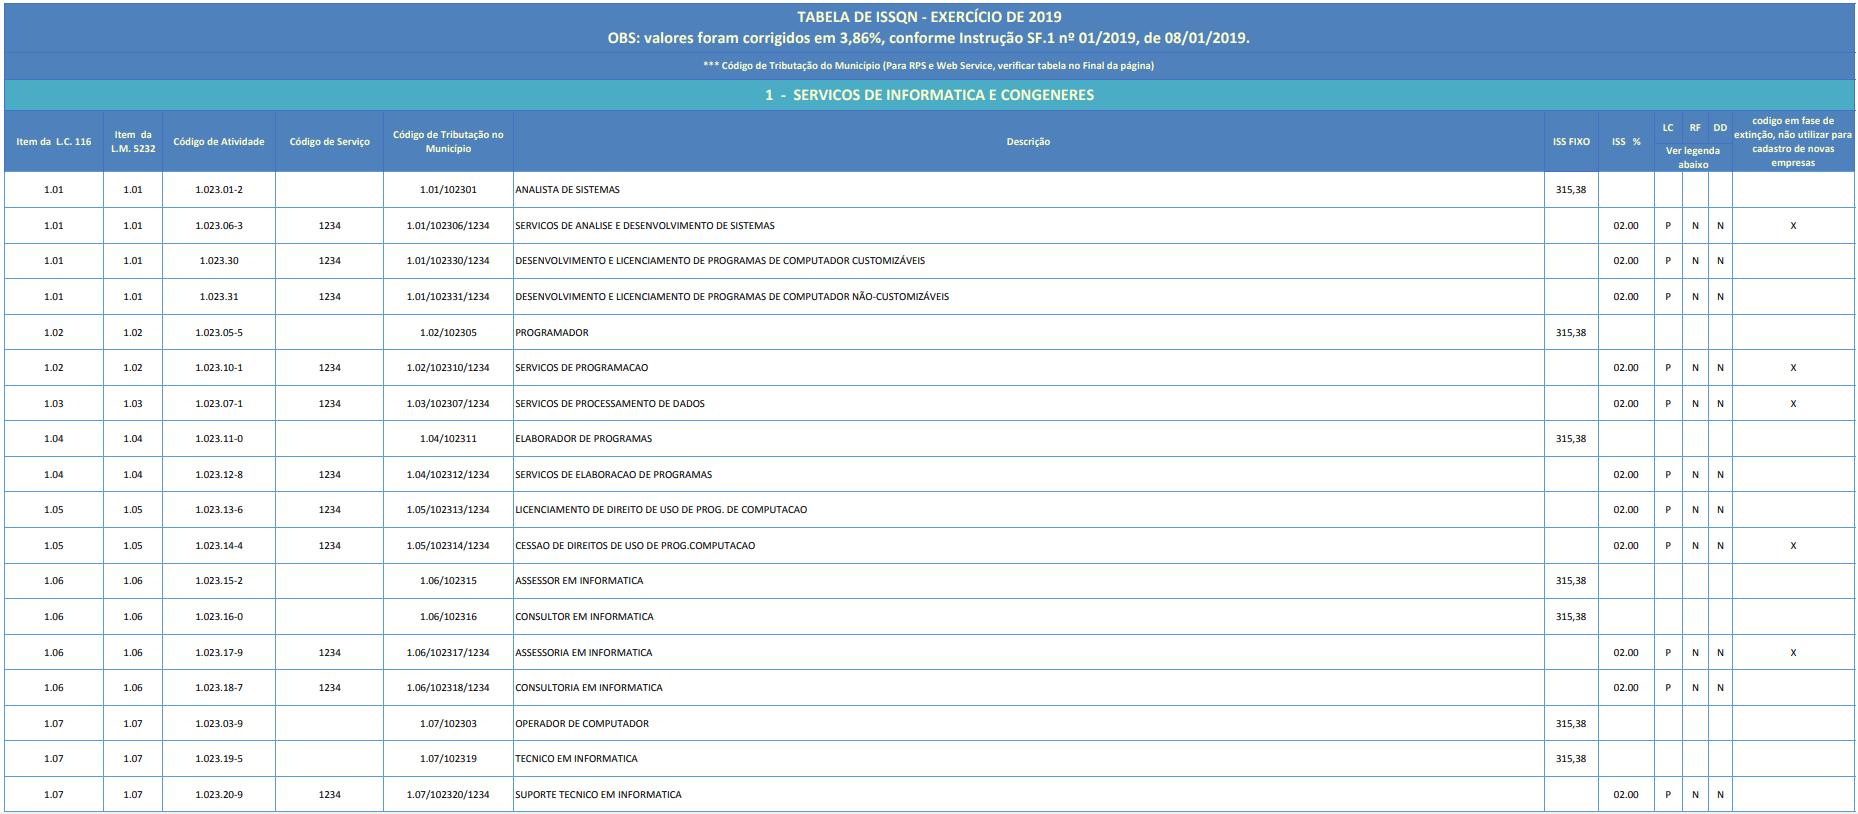 tabela de código de serviço - Sao Bernardo - SP